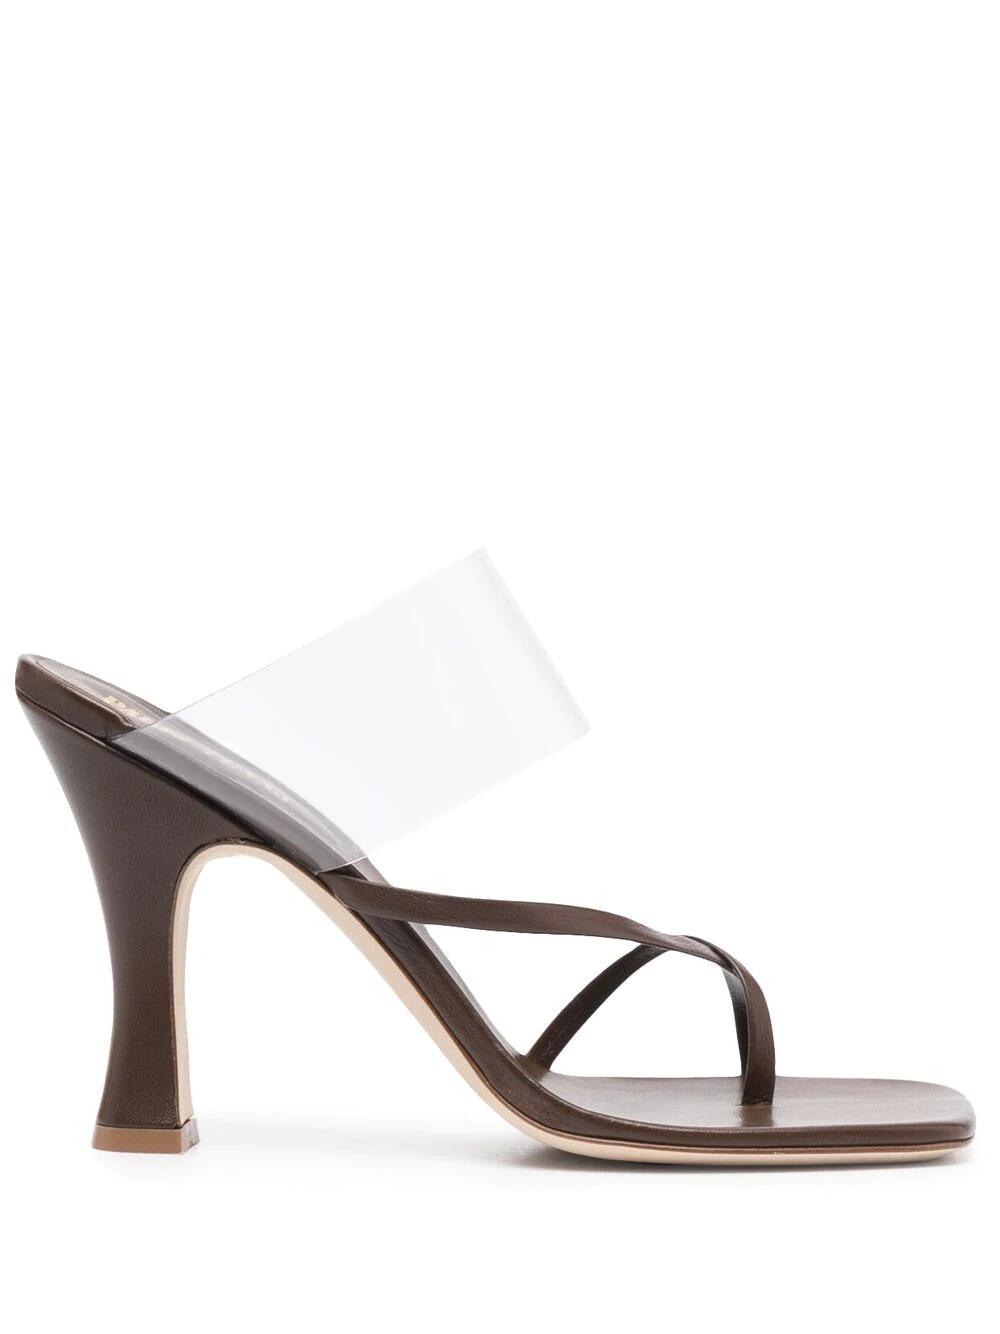 Paris Texas Square-toe Leather Sandals 668лв